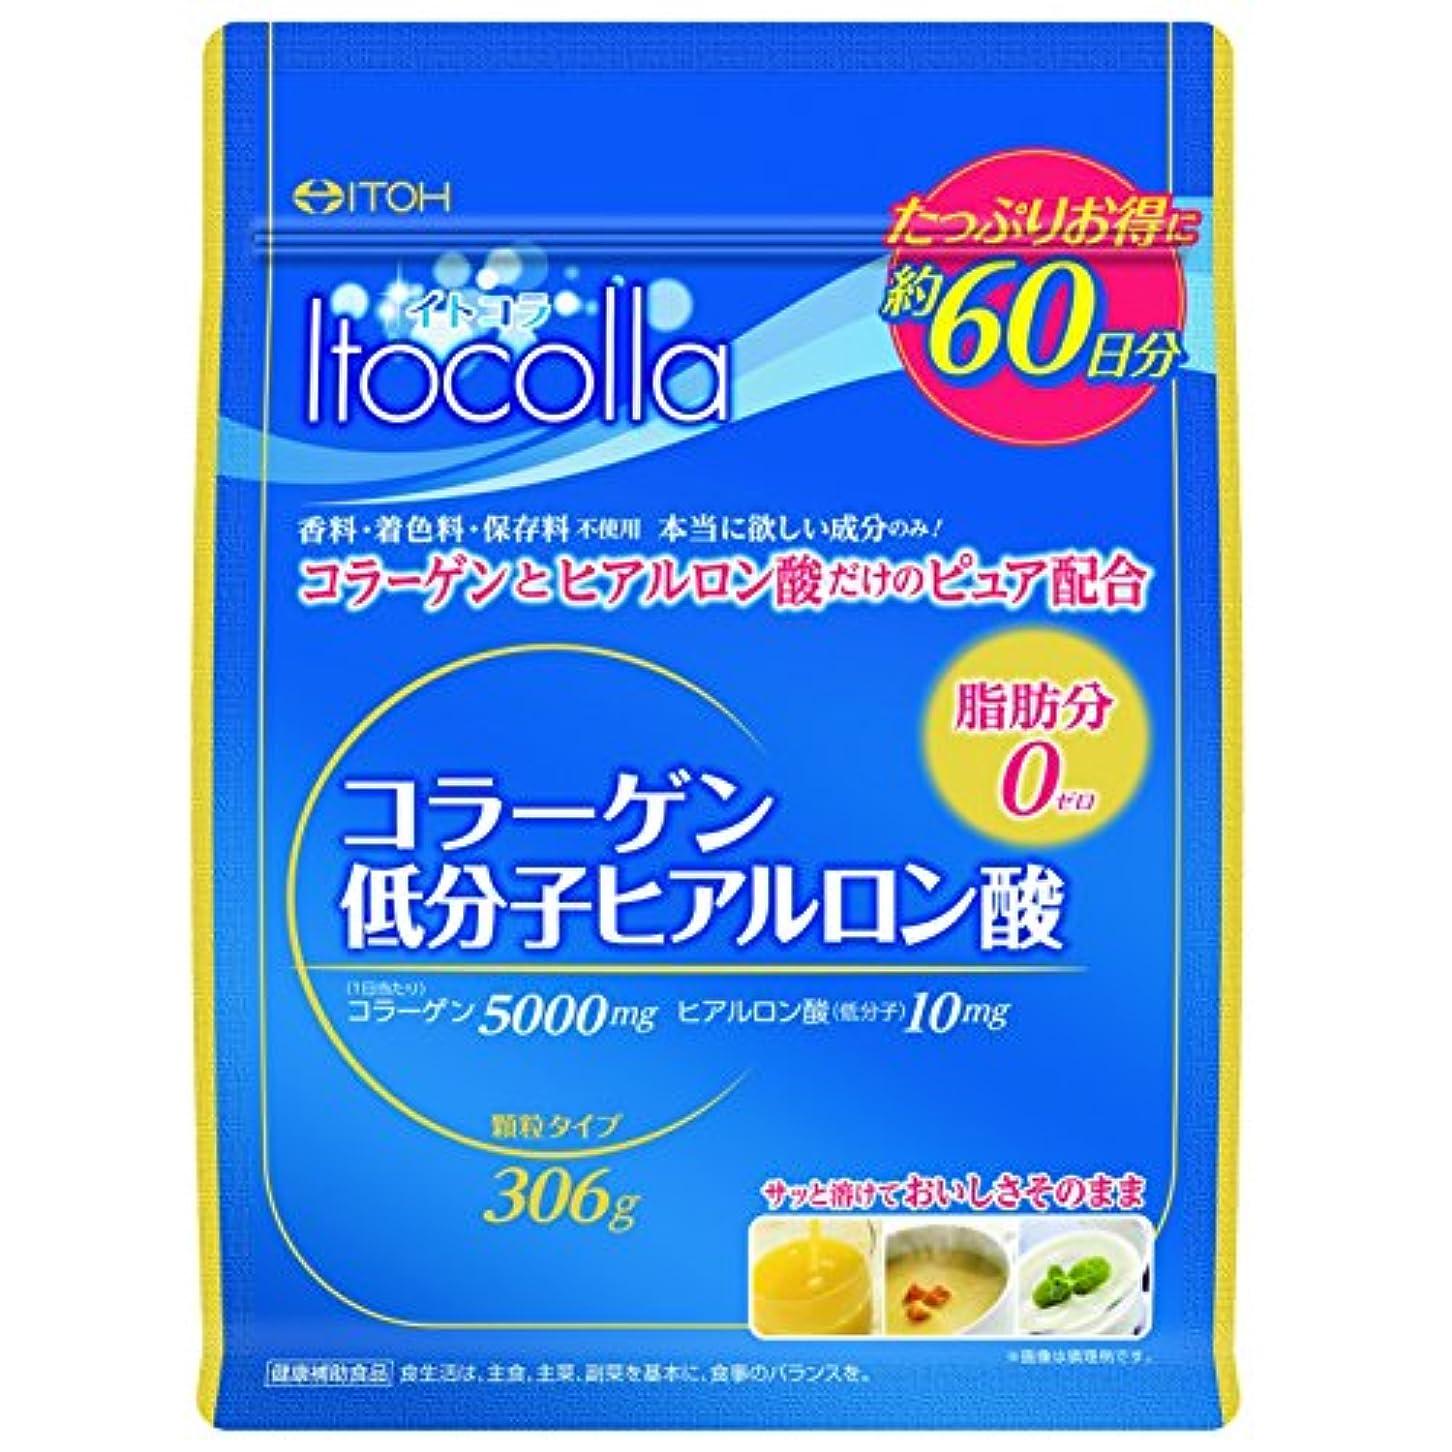 ブルゴーニュコンパス愛情井藤漢方製薬 イトコラ コラーゲン低分子ヒアルロン酸 60日分